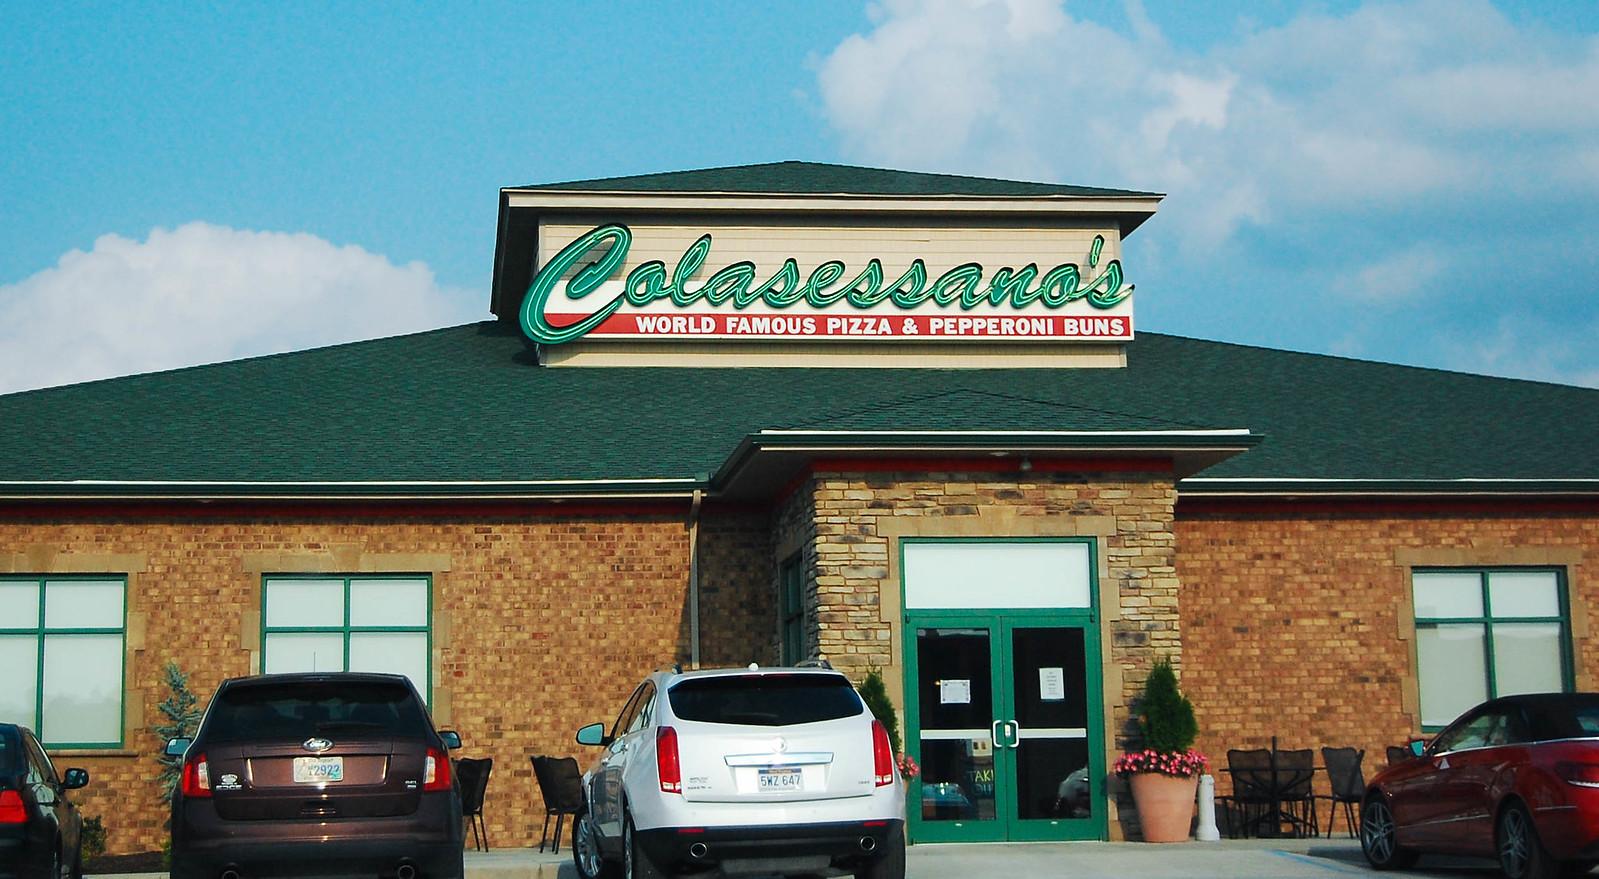 Colasessano's